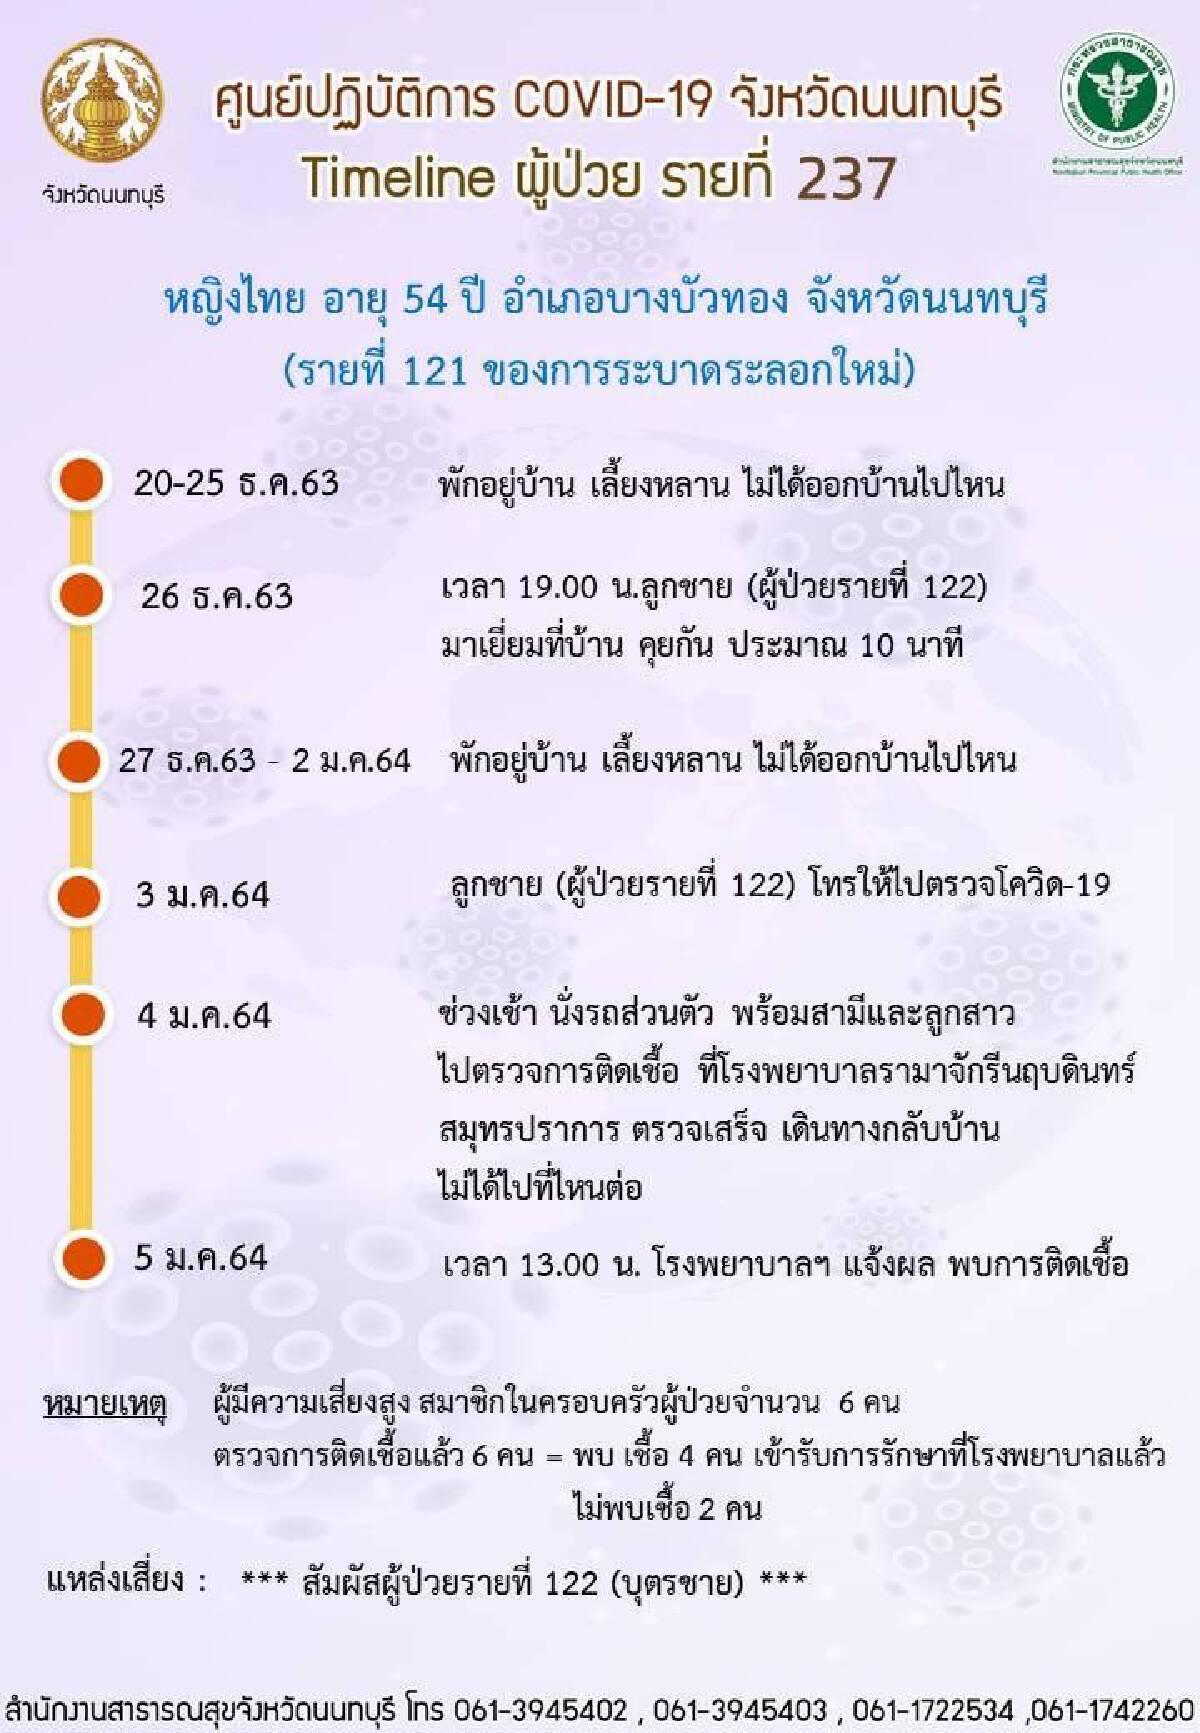 เปิดไทม์ไลน์ ผู้ติดเชื้อโควิดรายใหม่ นนทบุรี